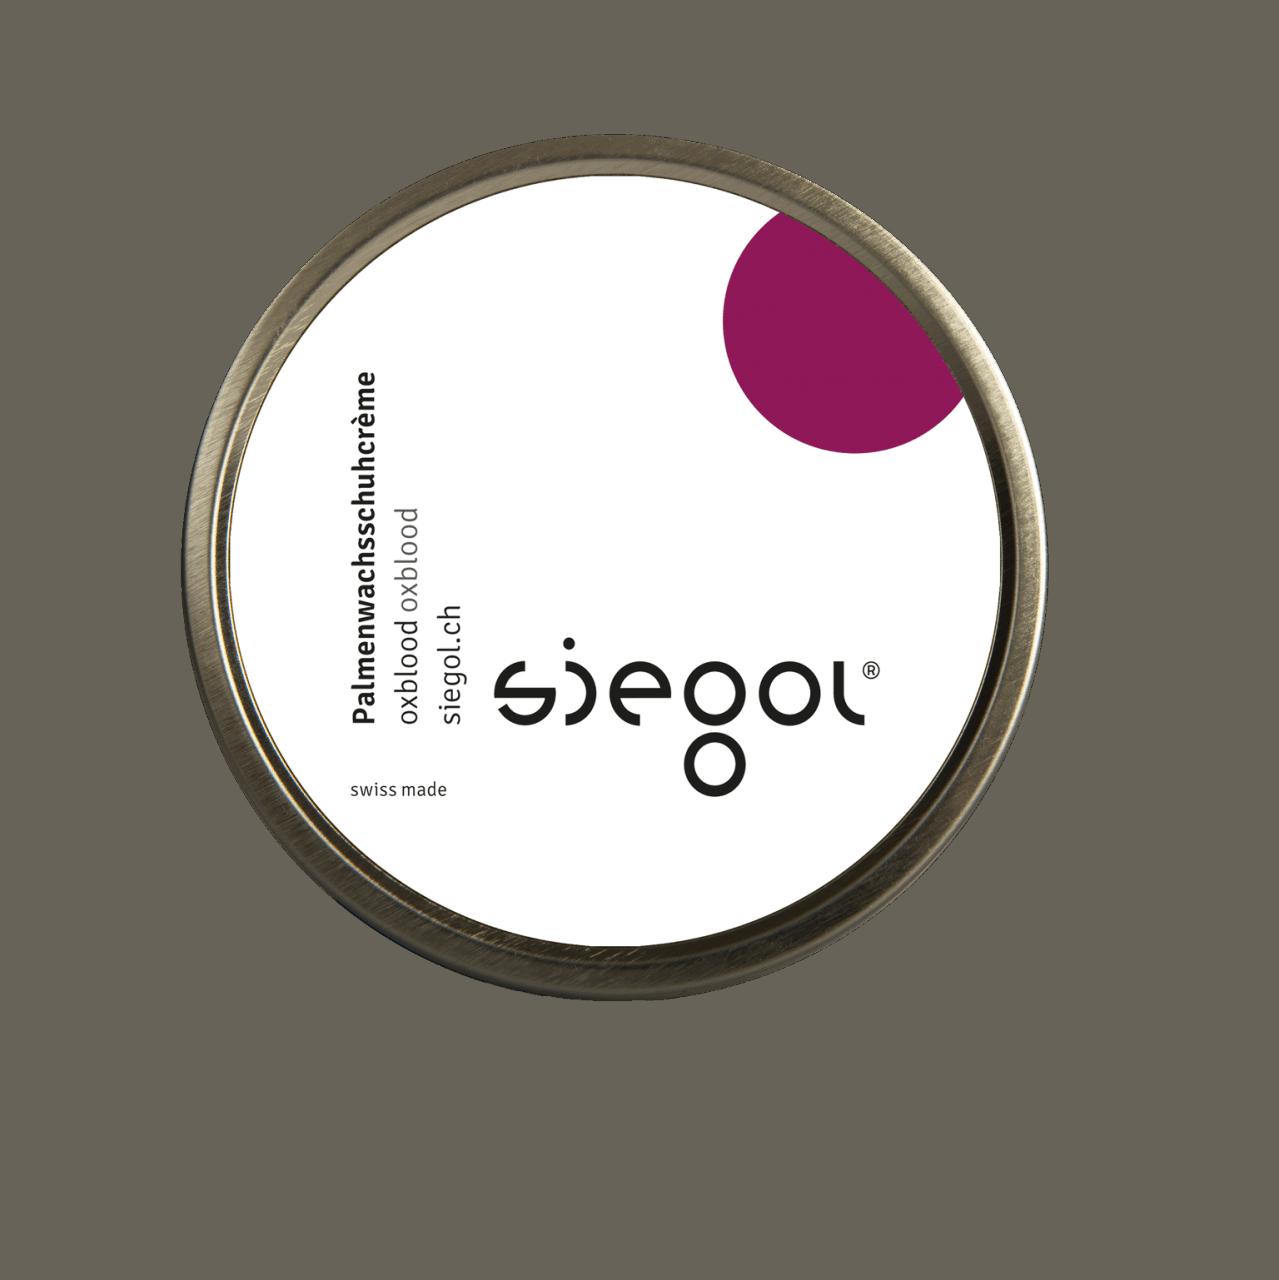 Siegol Palmenwachspflege-oxblood 100ml